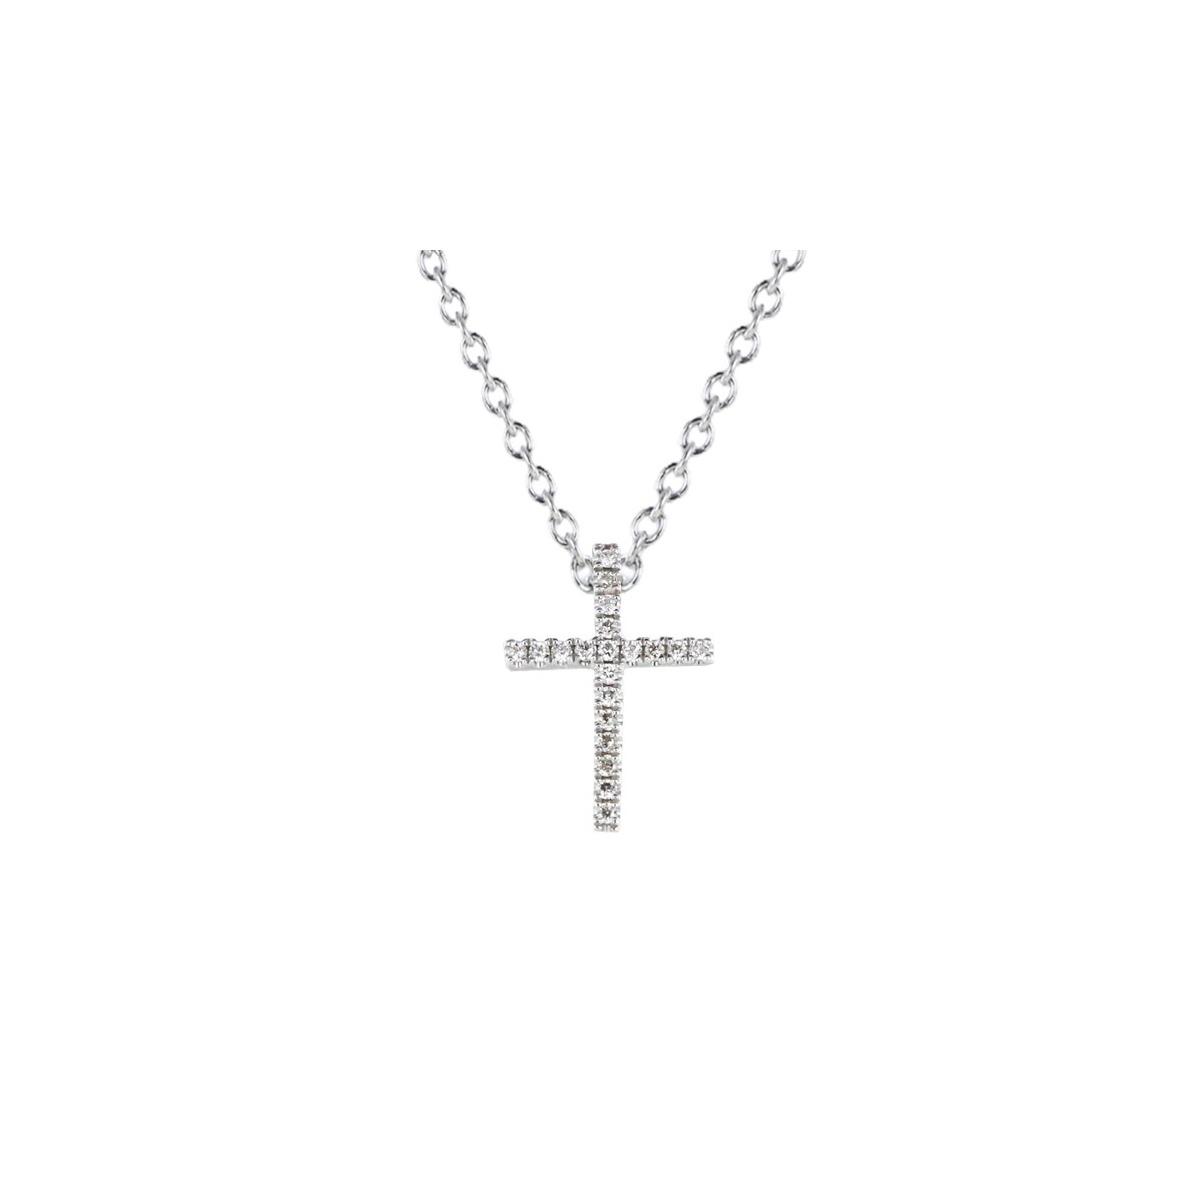 Colgante de oro blanco con cadena y una cruz de oro blanco y diamantes de 12x9mm (0.06 ct. GH-VS)